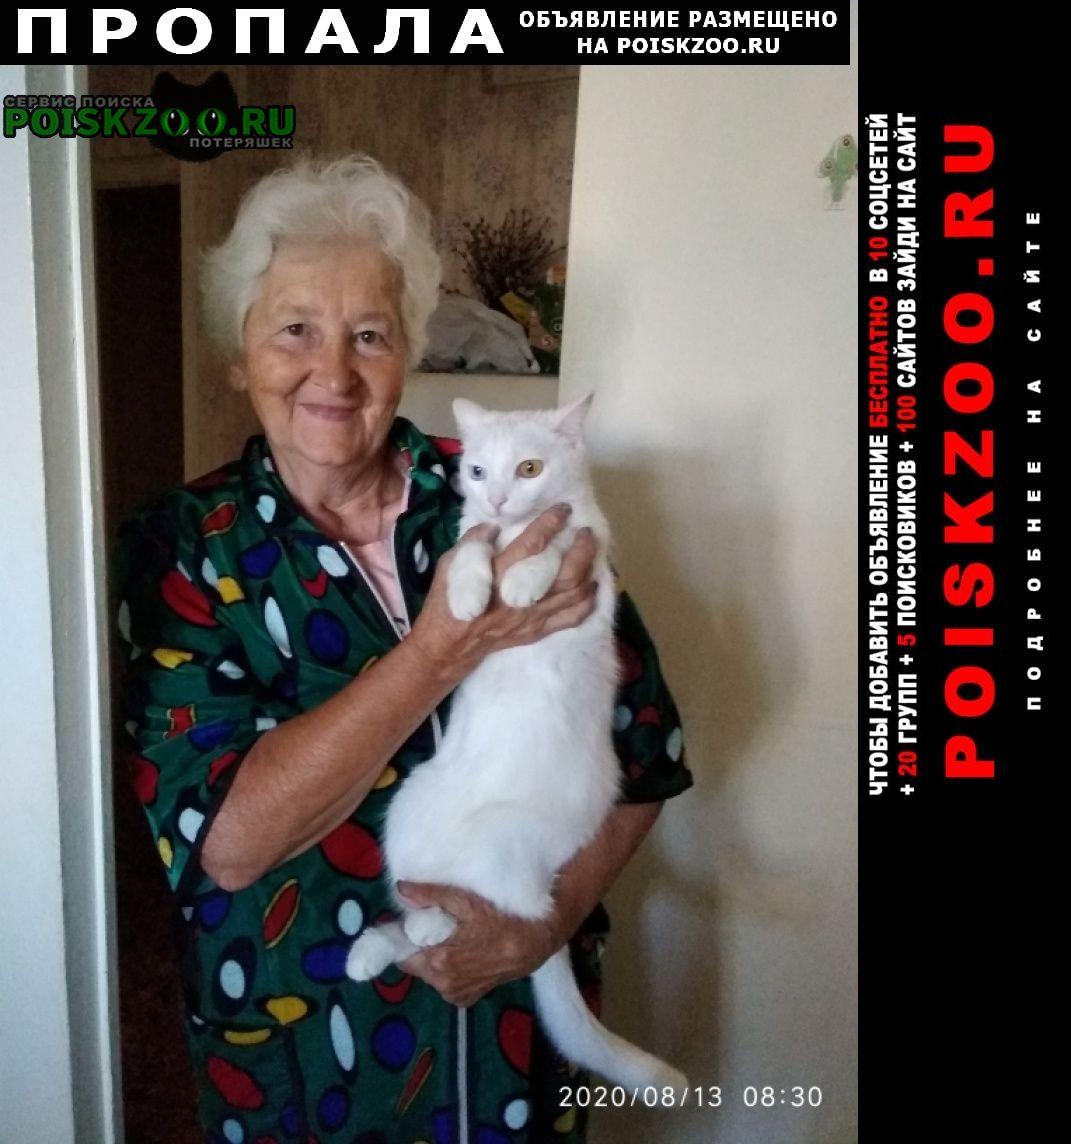 Благовещенск (Амурская обл.) Пропала кошка белая, разные глаза